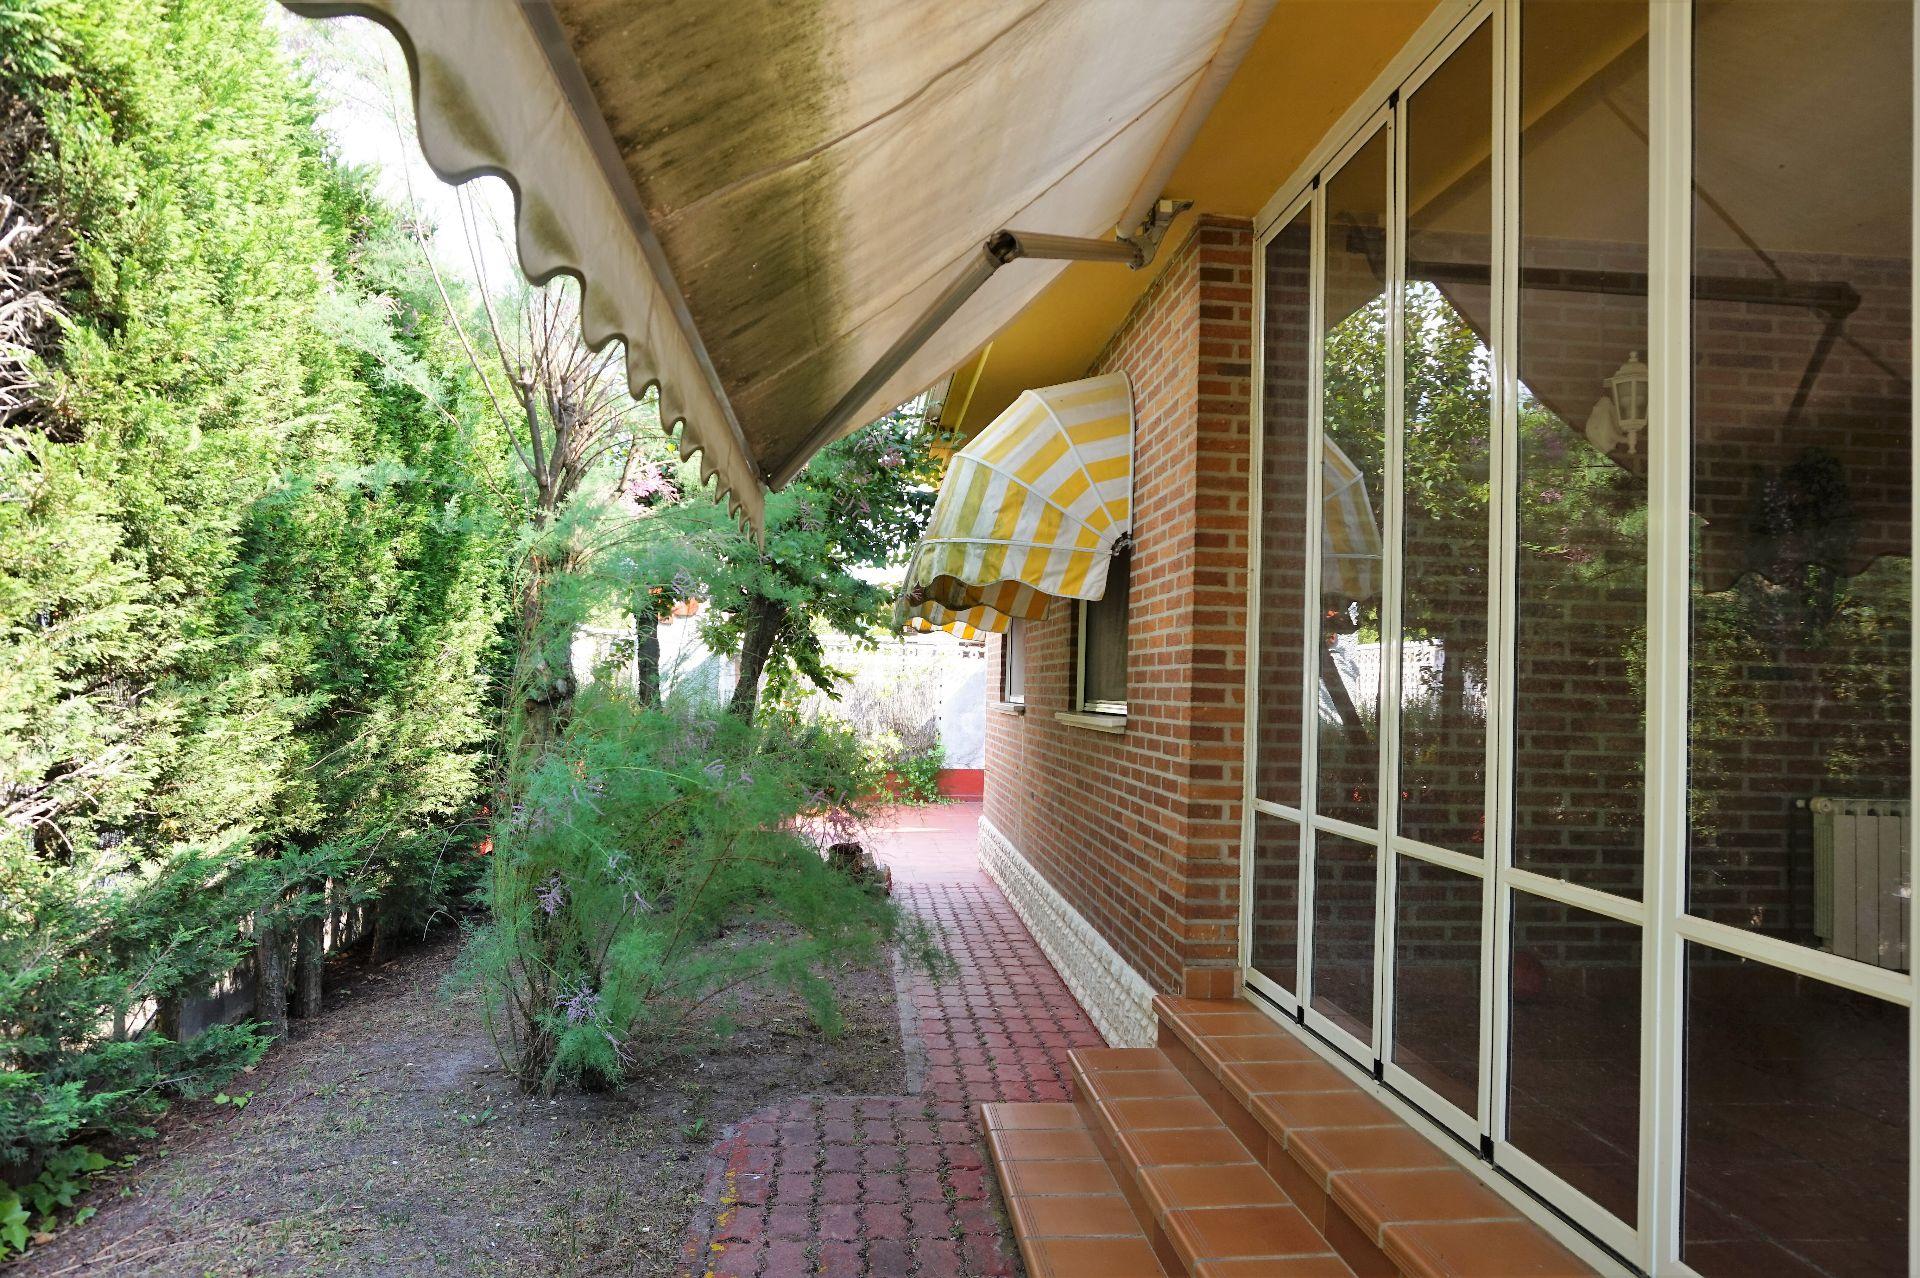 Casa / Chalet en Viana de Cega, venta